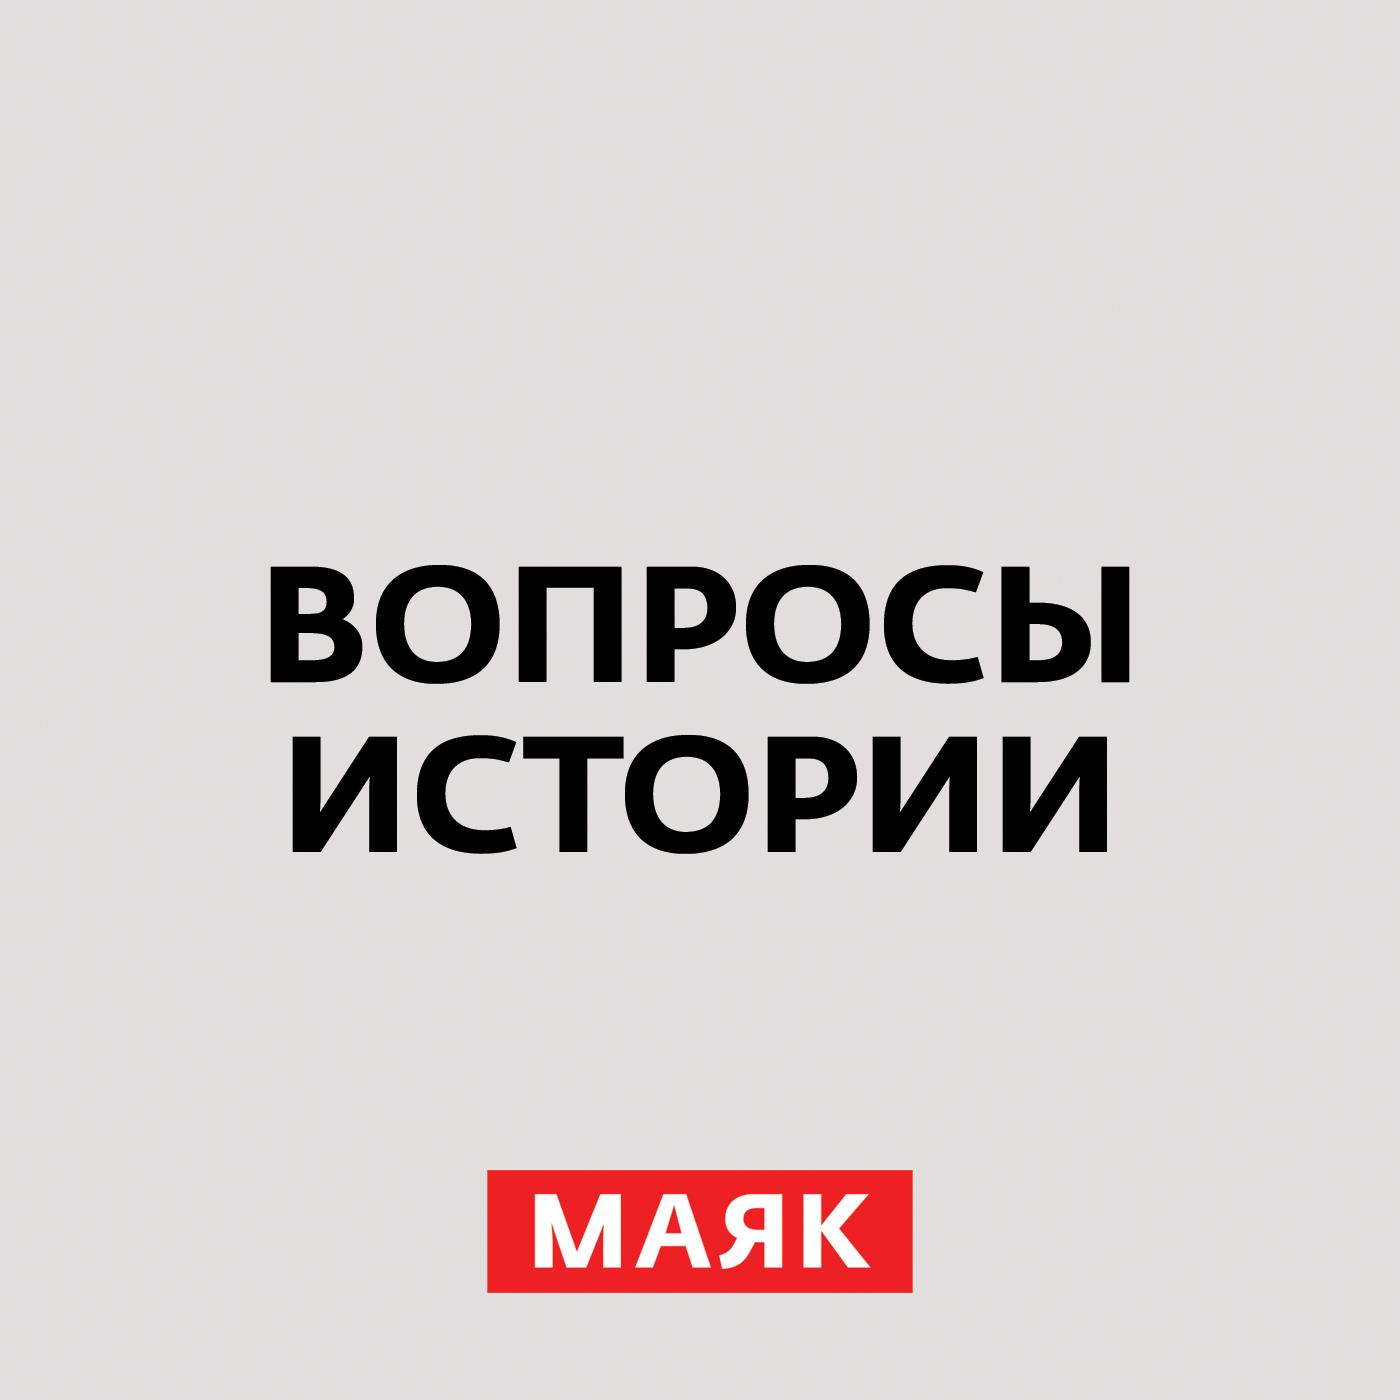 купить Андрей Светенко Русско-турецкие войны: парадоксальное и малоизвестное. Часть 1 по цене 49 рублей